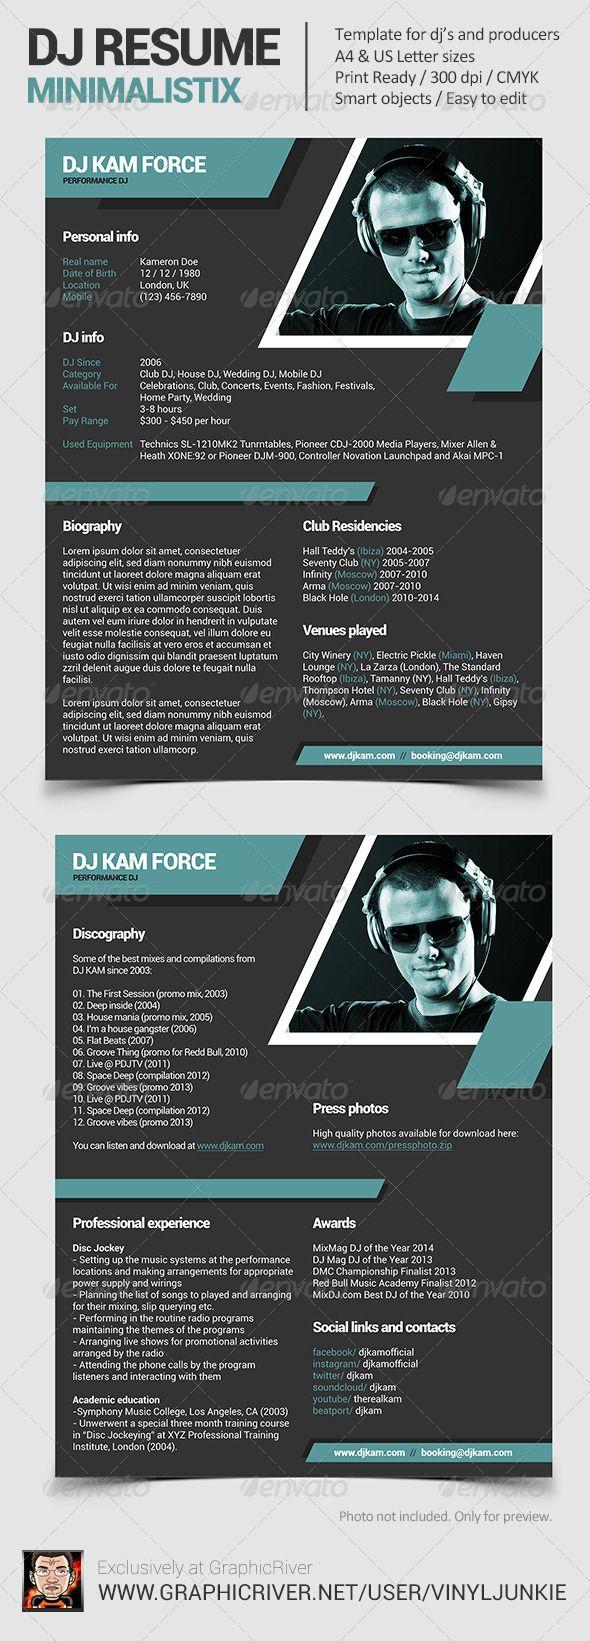 Minimalistix - DJ Resume / Press Kit | Press kits, Dj and Template